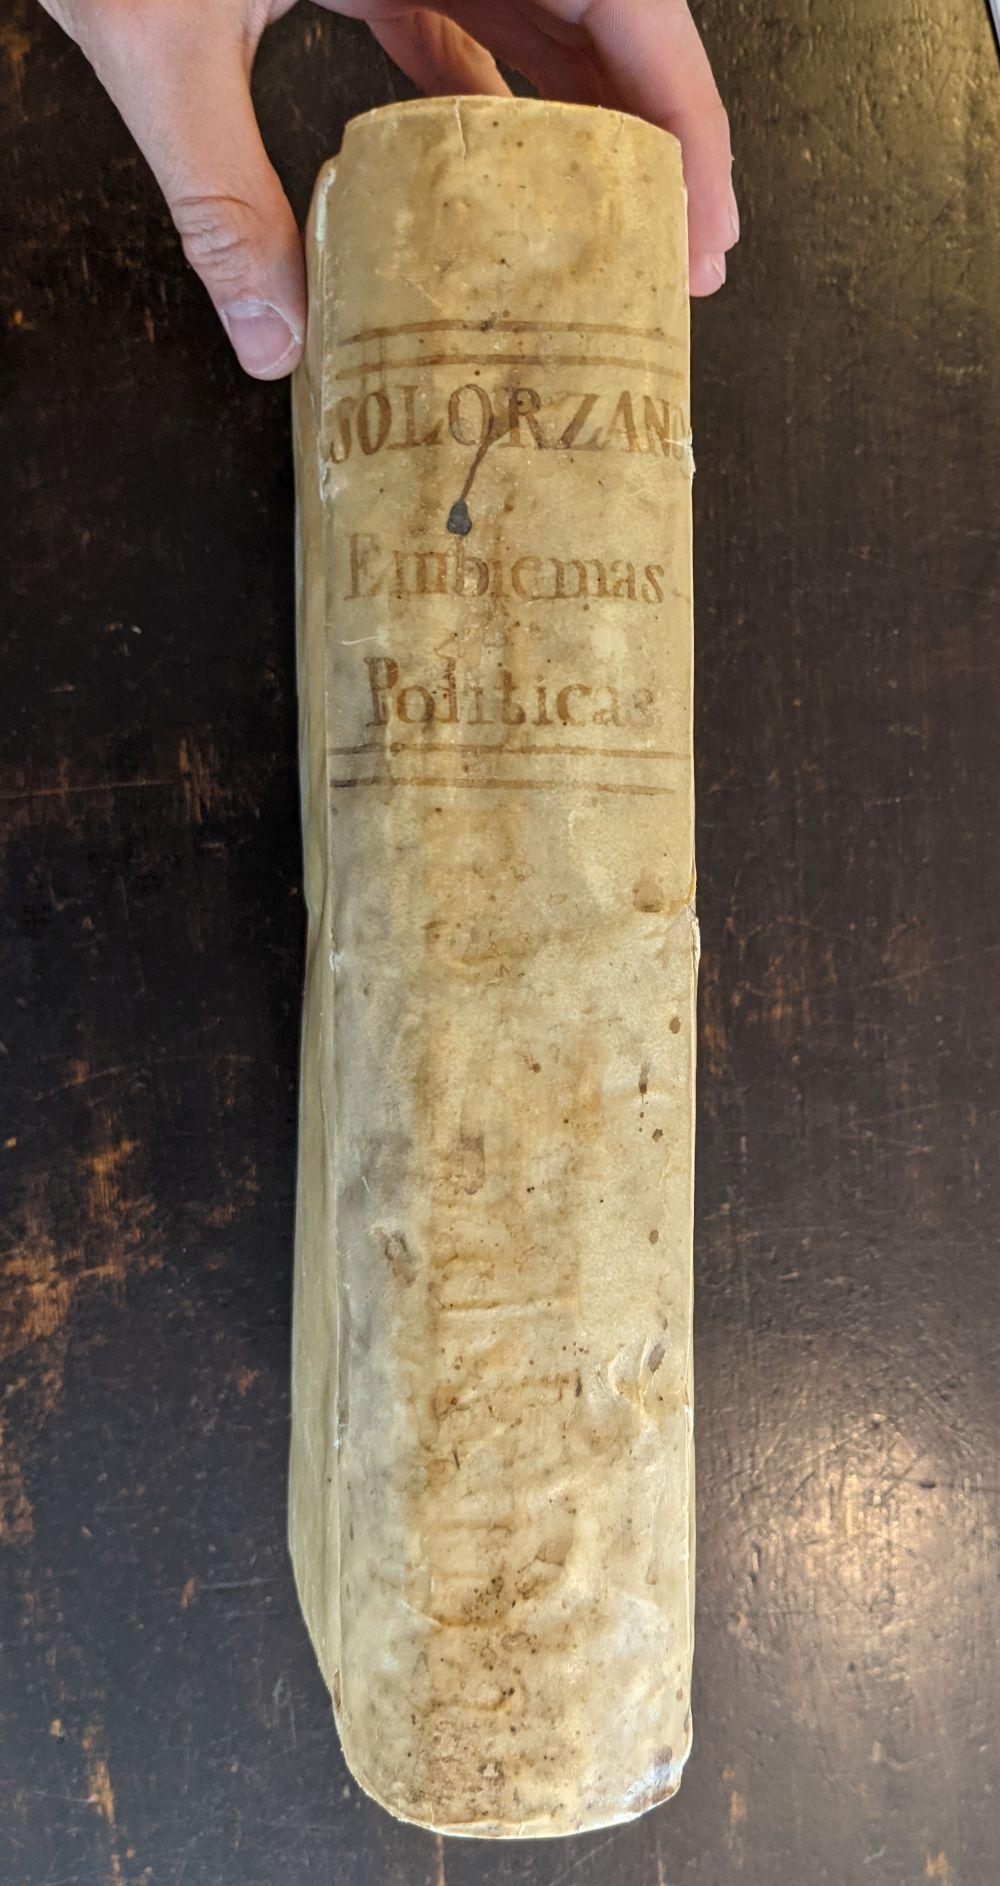 Solorzano Pereira (Juan de). Emblemata centum, regio politica, Madrid, 1653 - Image 4 of 10